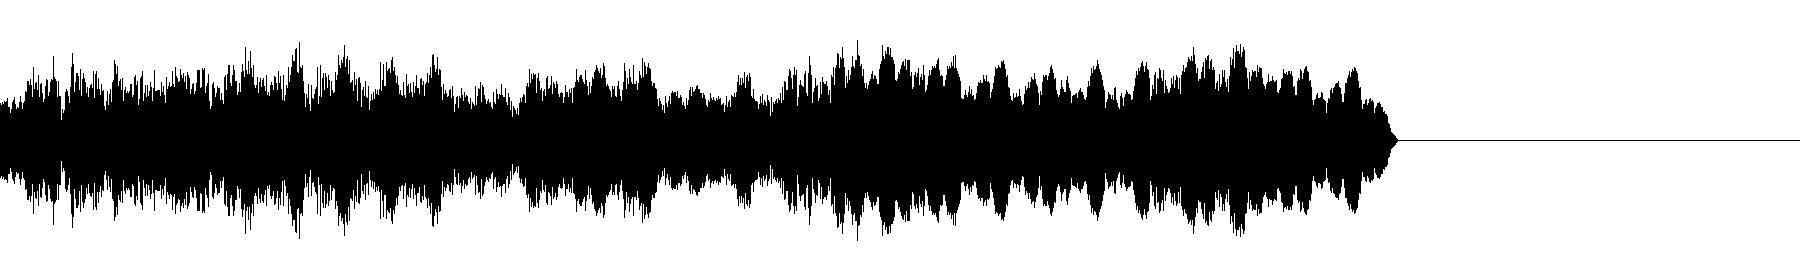 bluezone orbit sound 080